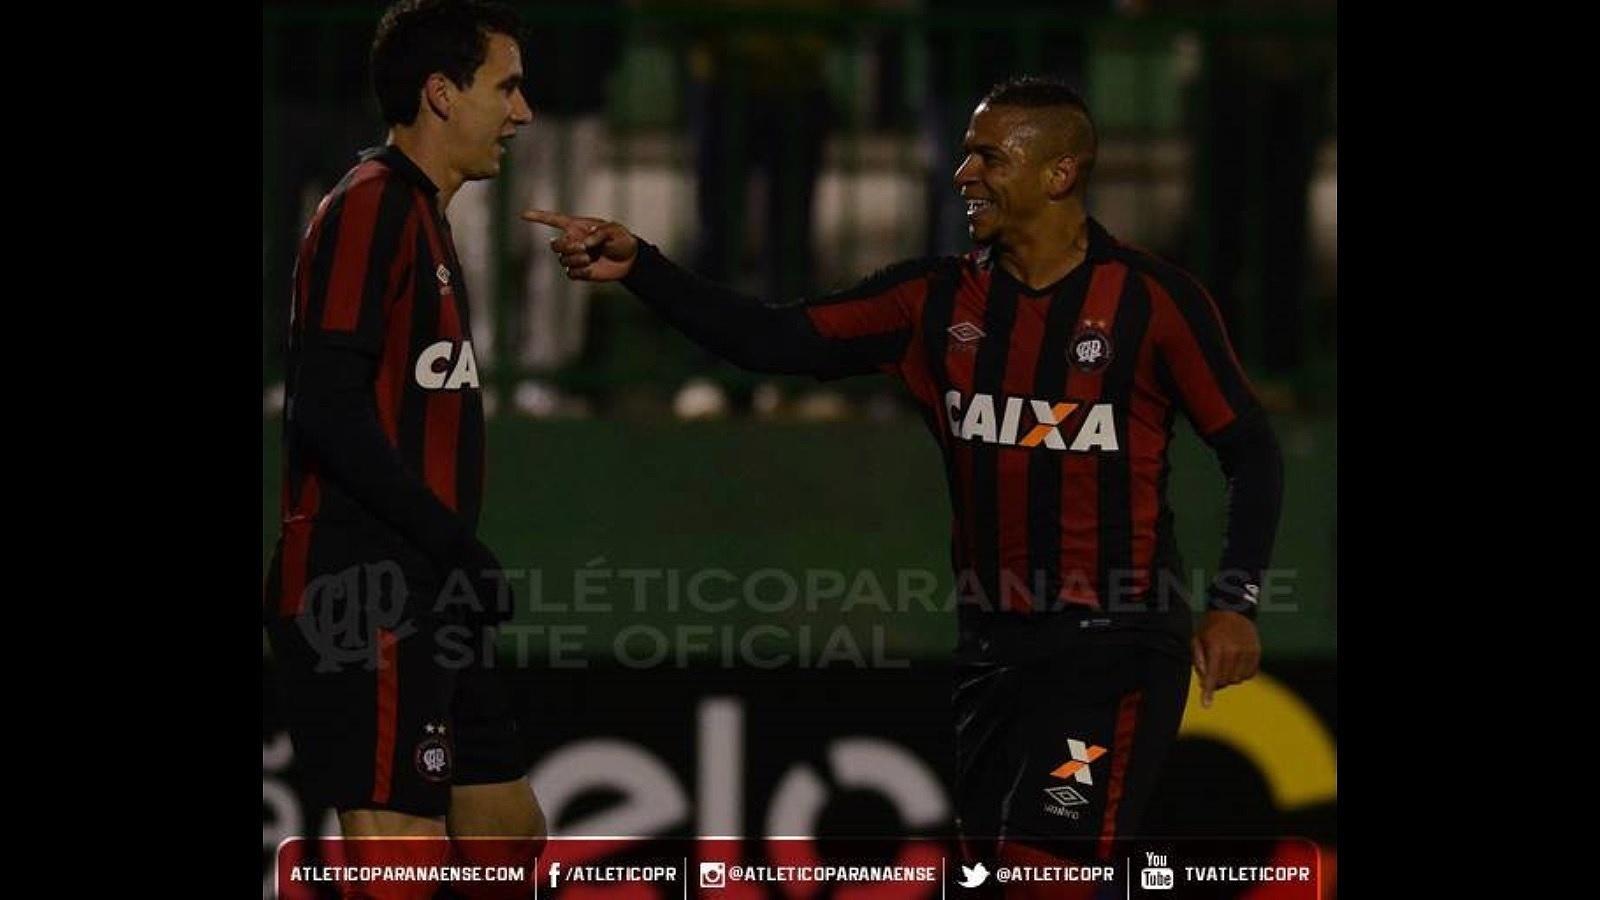 Walter comemora gol do Atlético-PR diante da Chapecoense